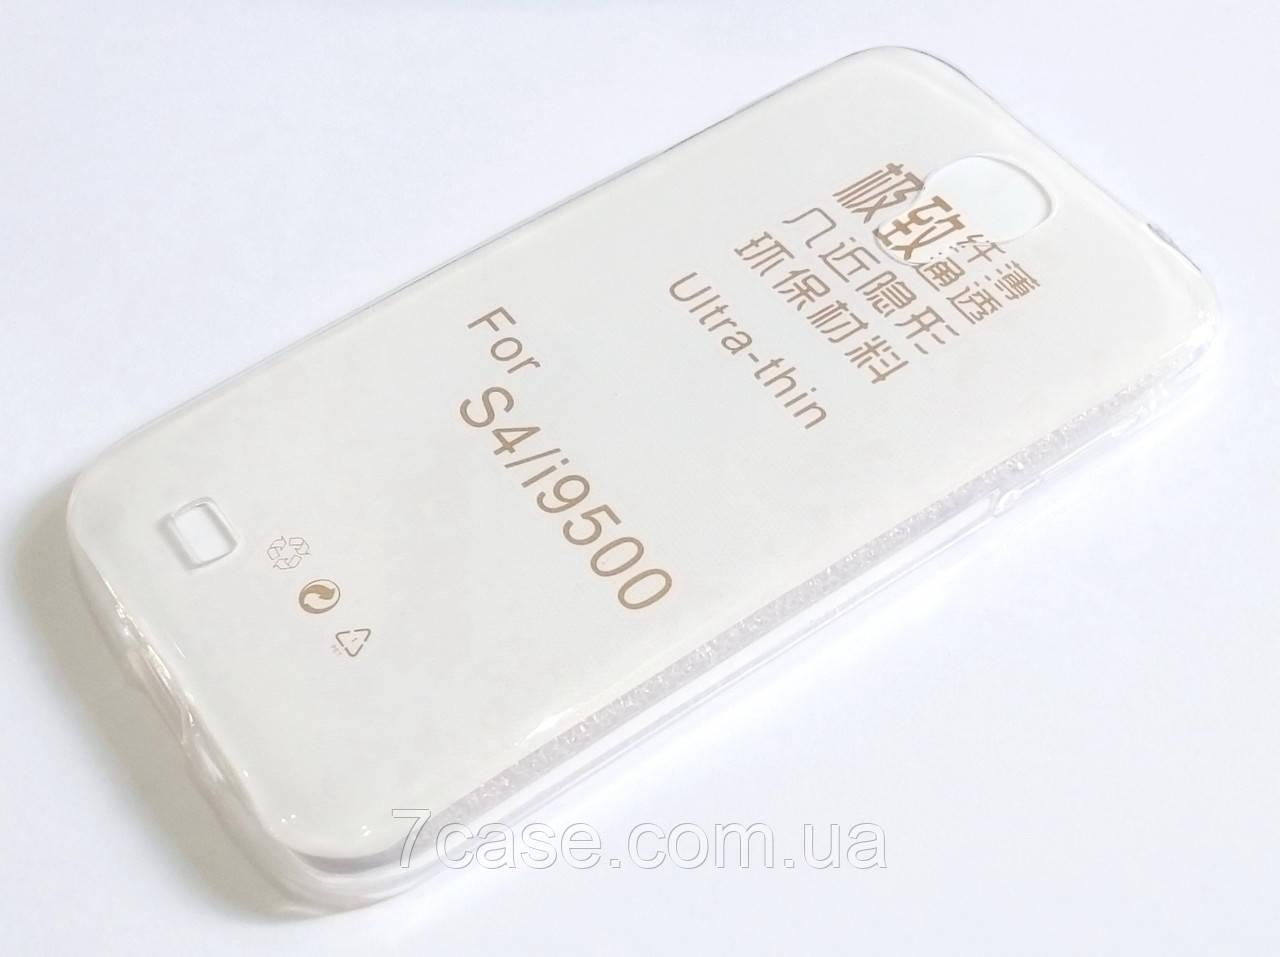 Чохол для Samsung Galaxy S4 i9500 силіконовий ультратонкий прозорий